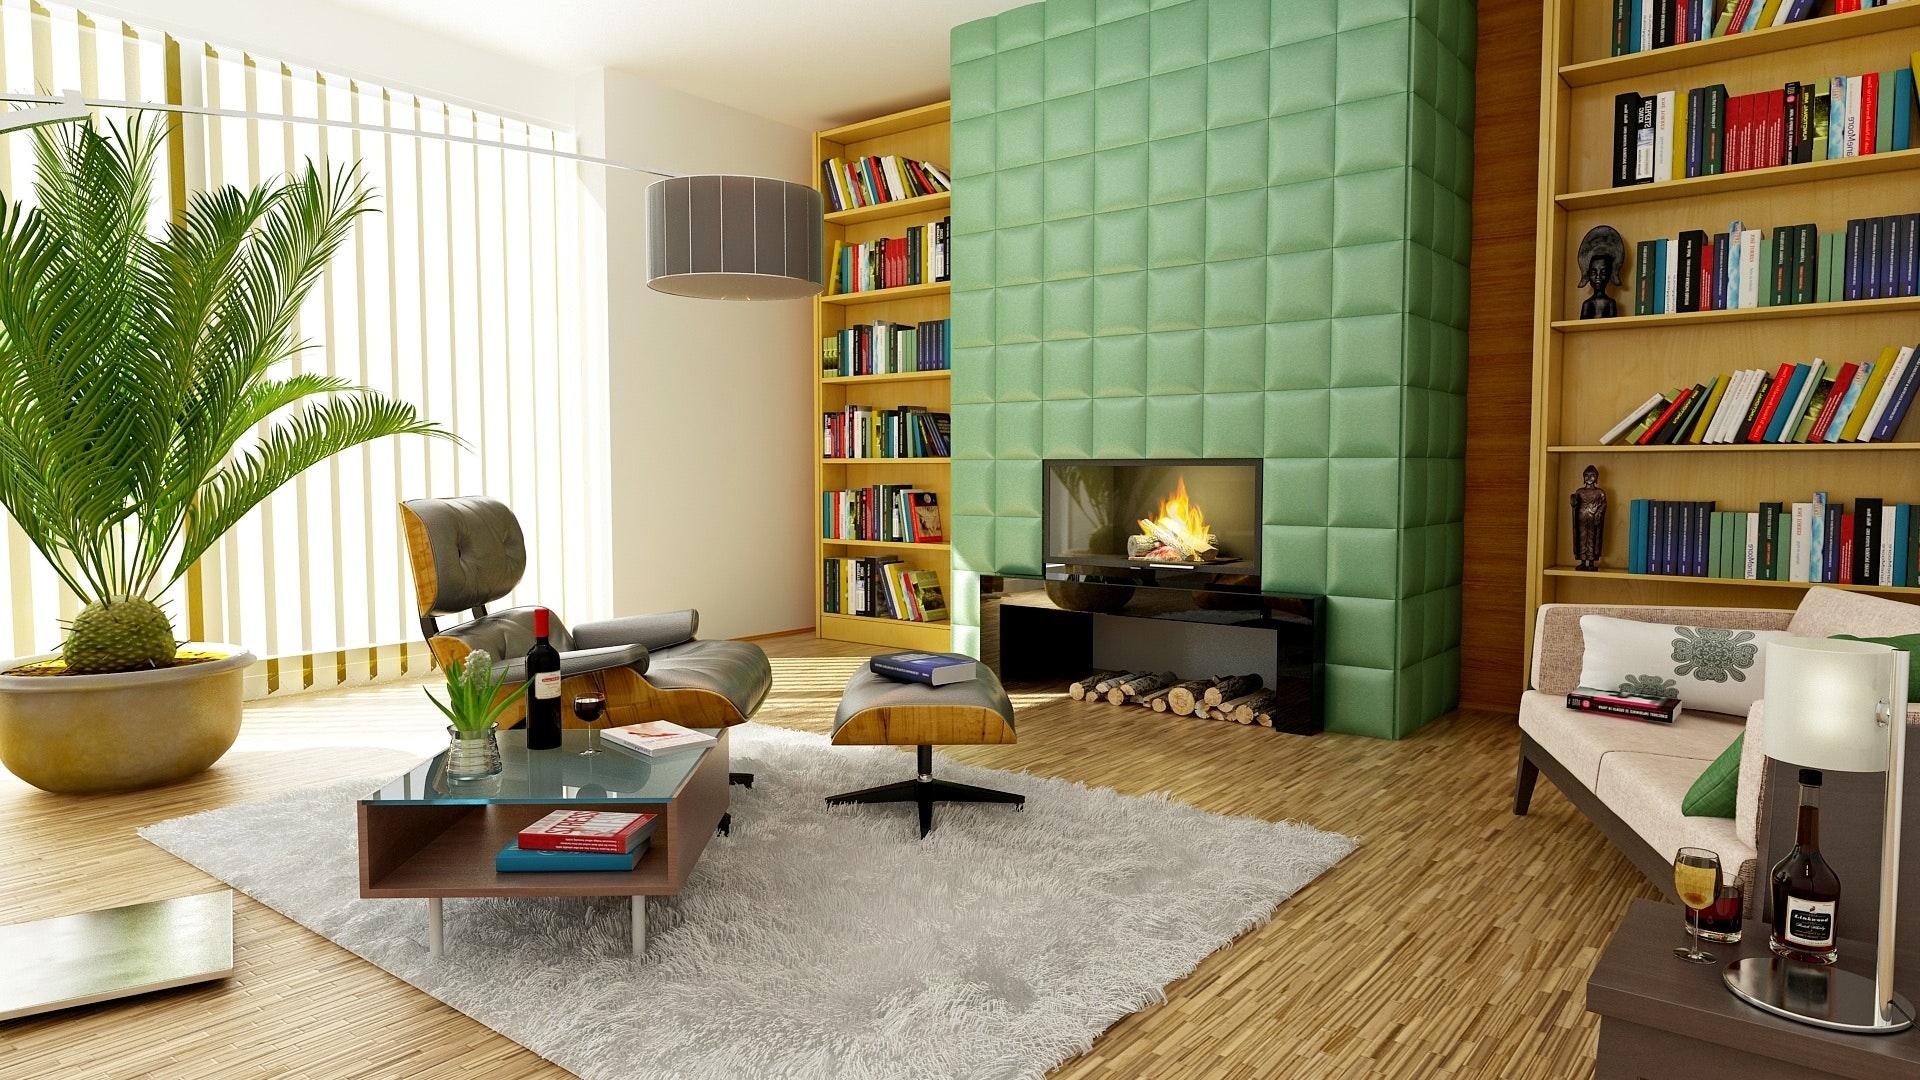 Arredare il soggiorno con poltrone di design: Eames lounge chair